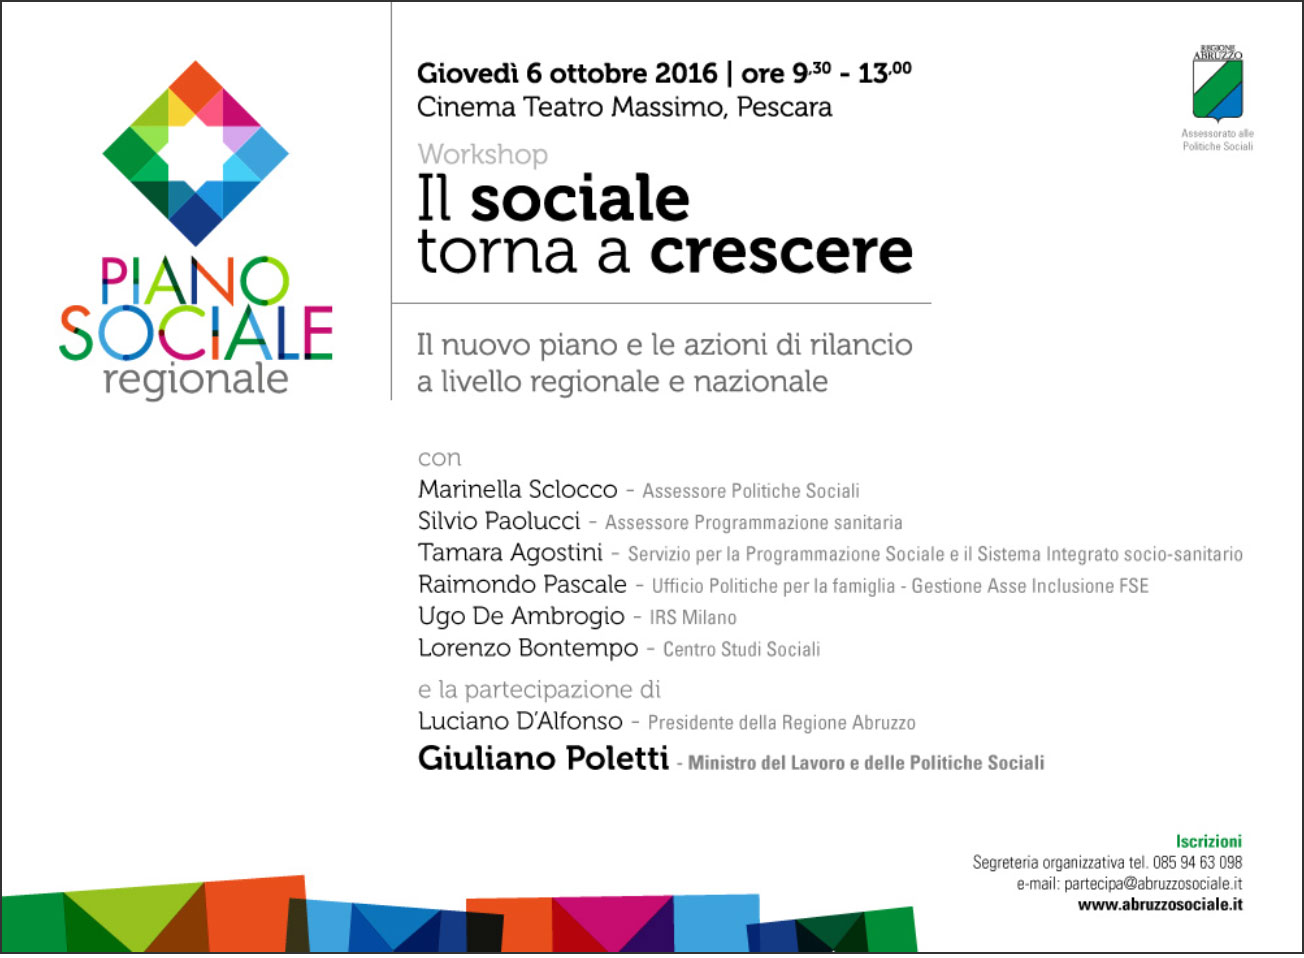 Workshop sul nuovo Piano Sociale alla presenza del Ministro Poletti